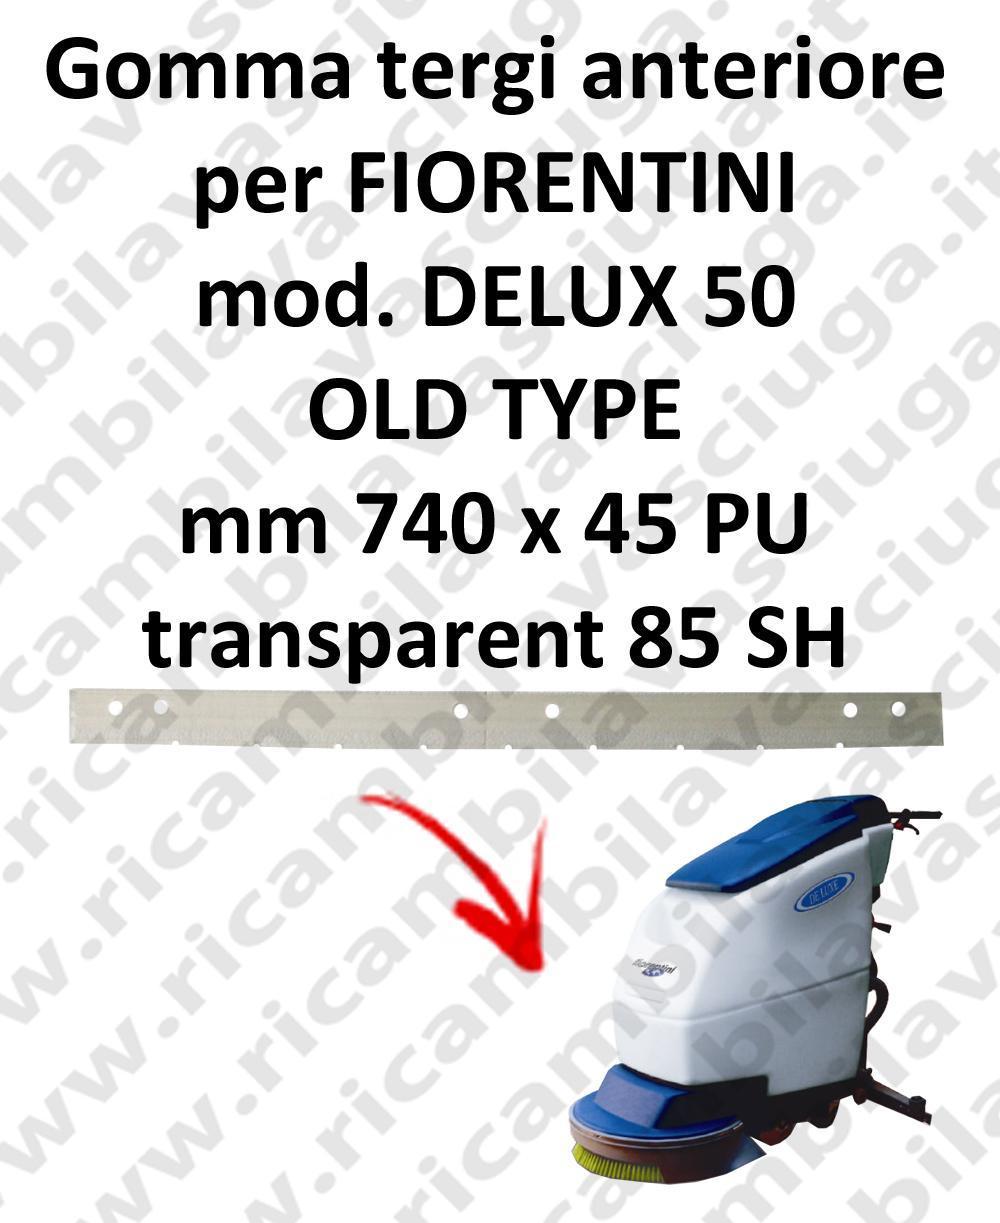 DELUX 50 old type BAVETTE AVANT pour autolaveuses FIORENTINI